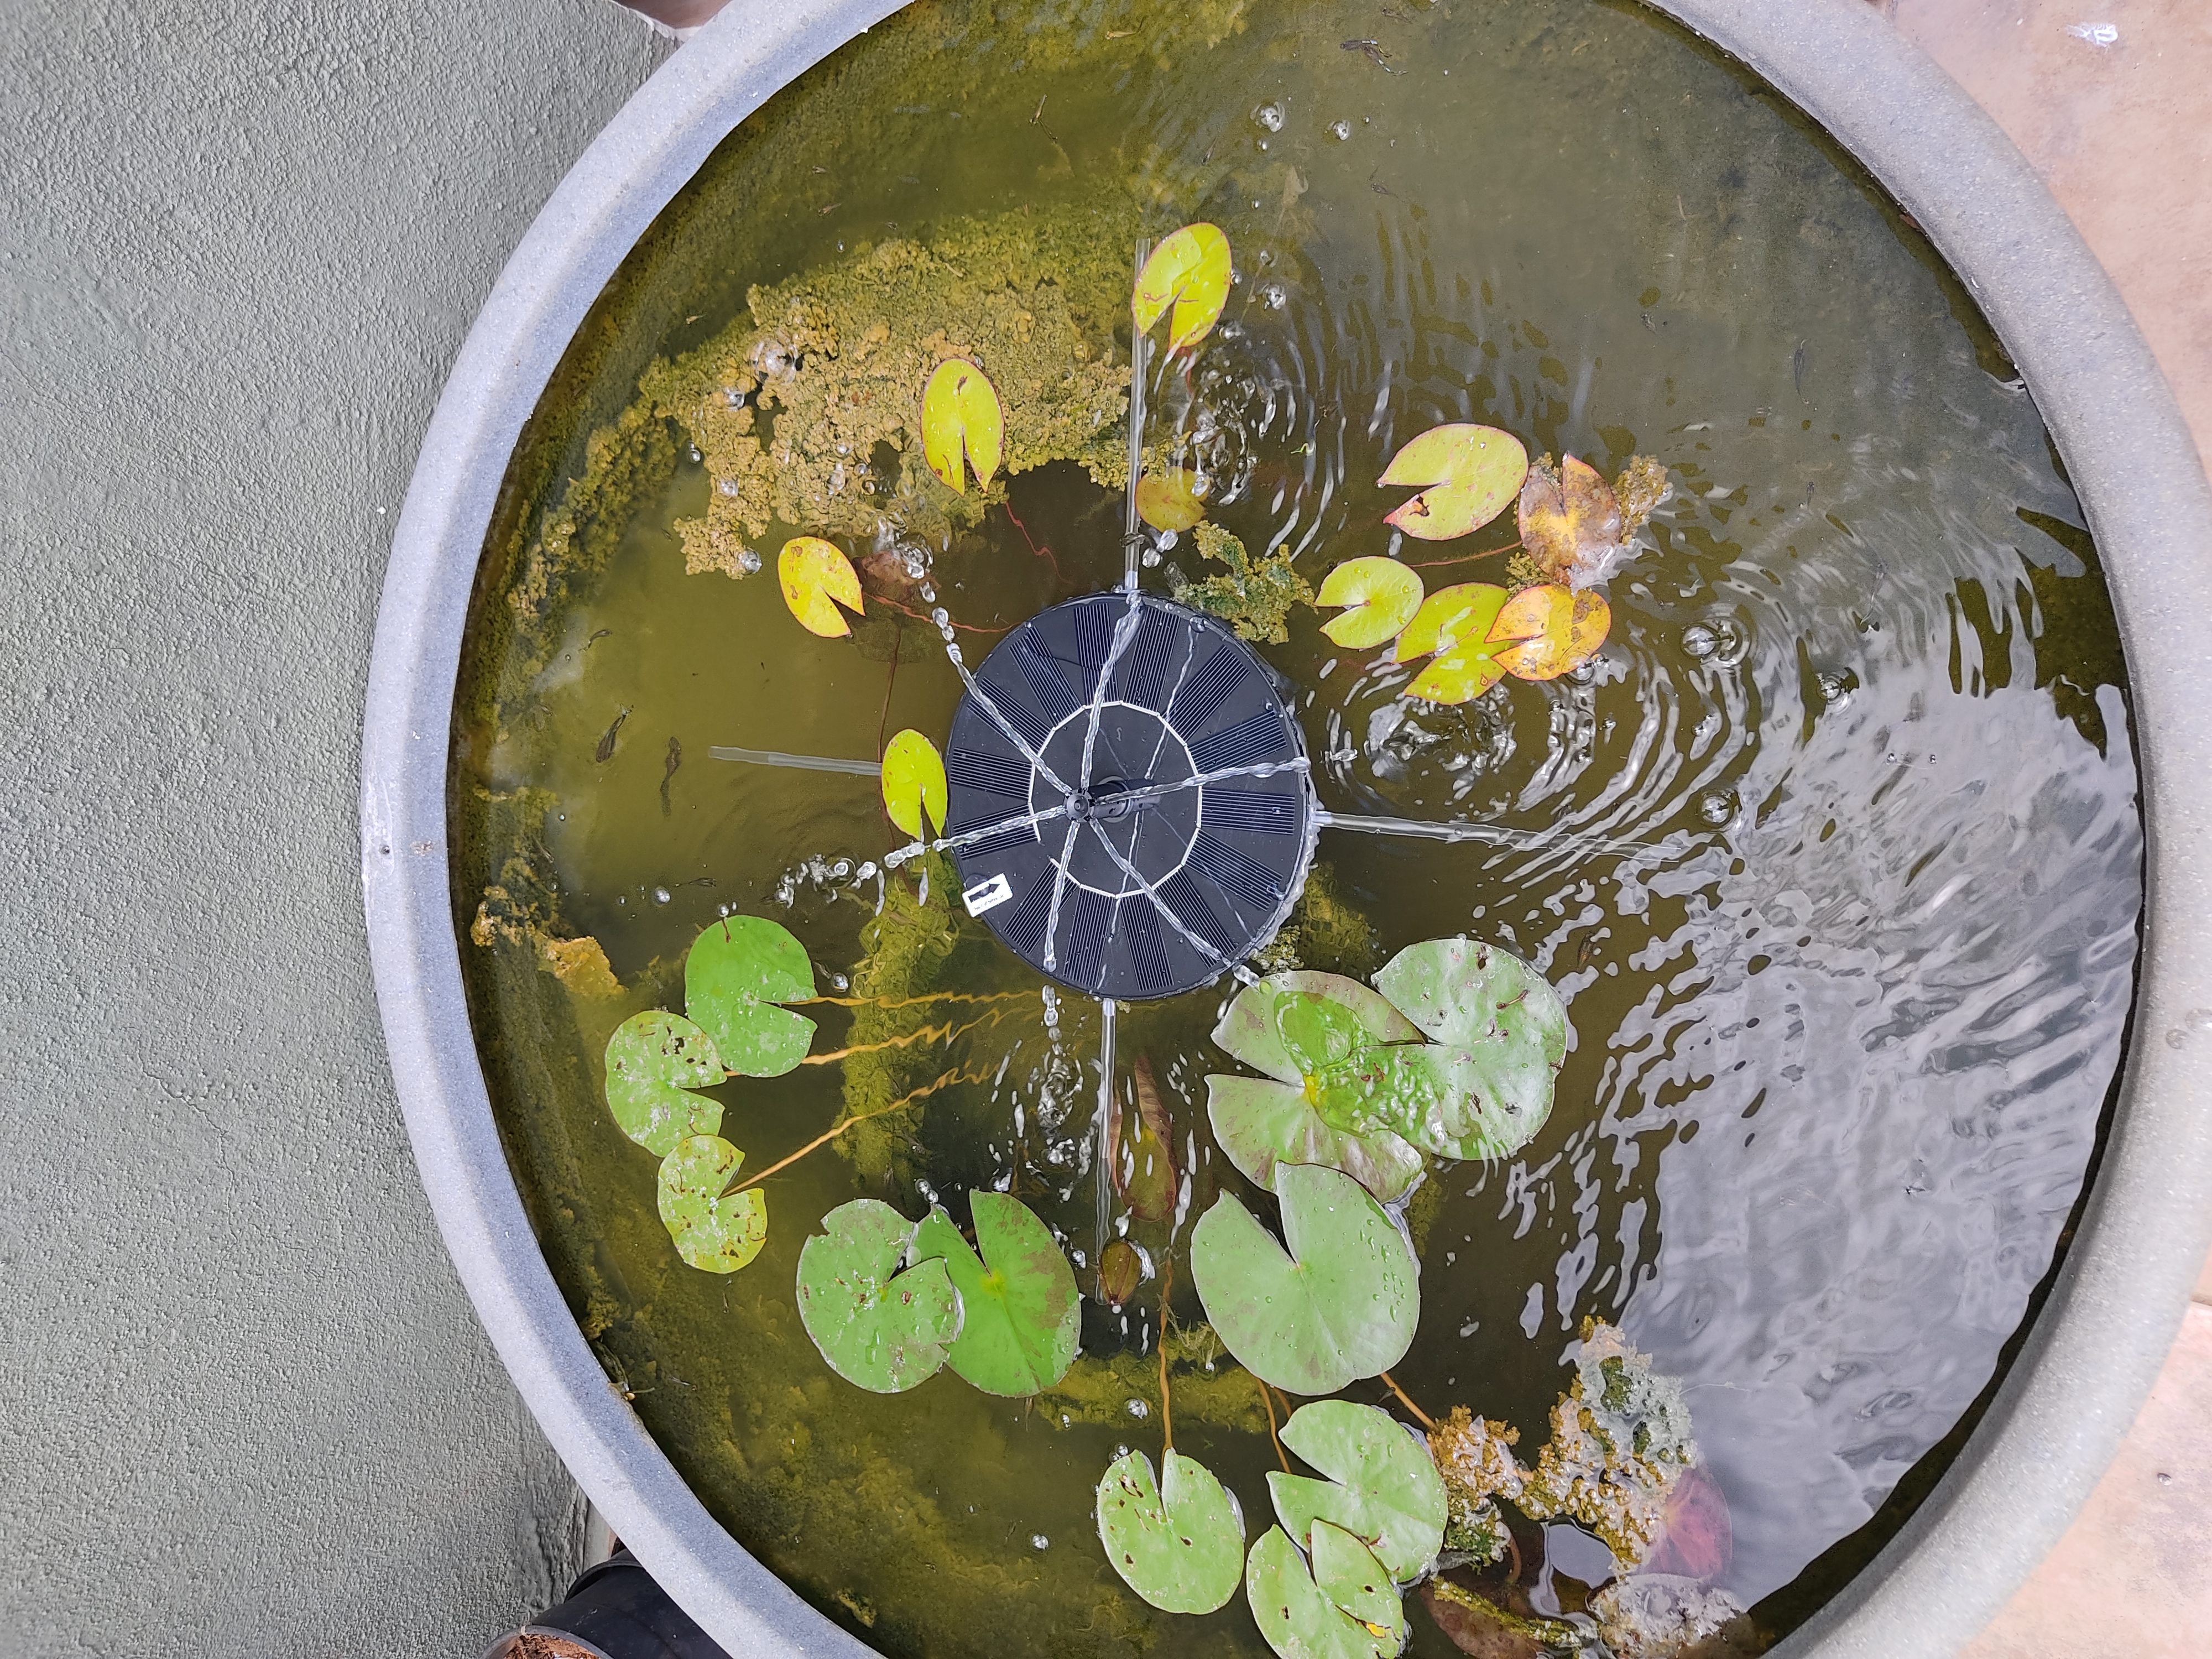 Initial lily pond setup